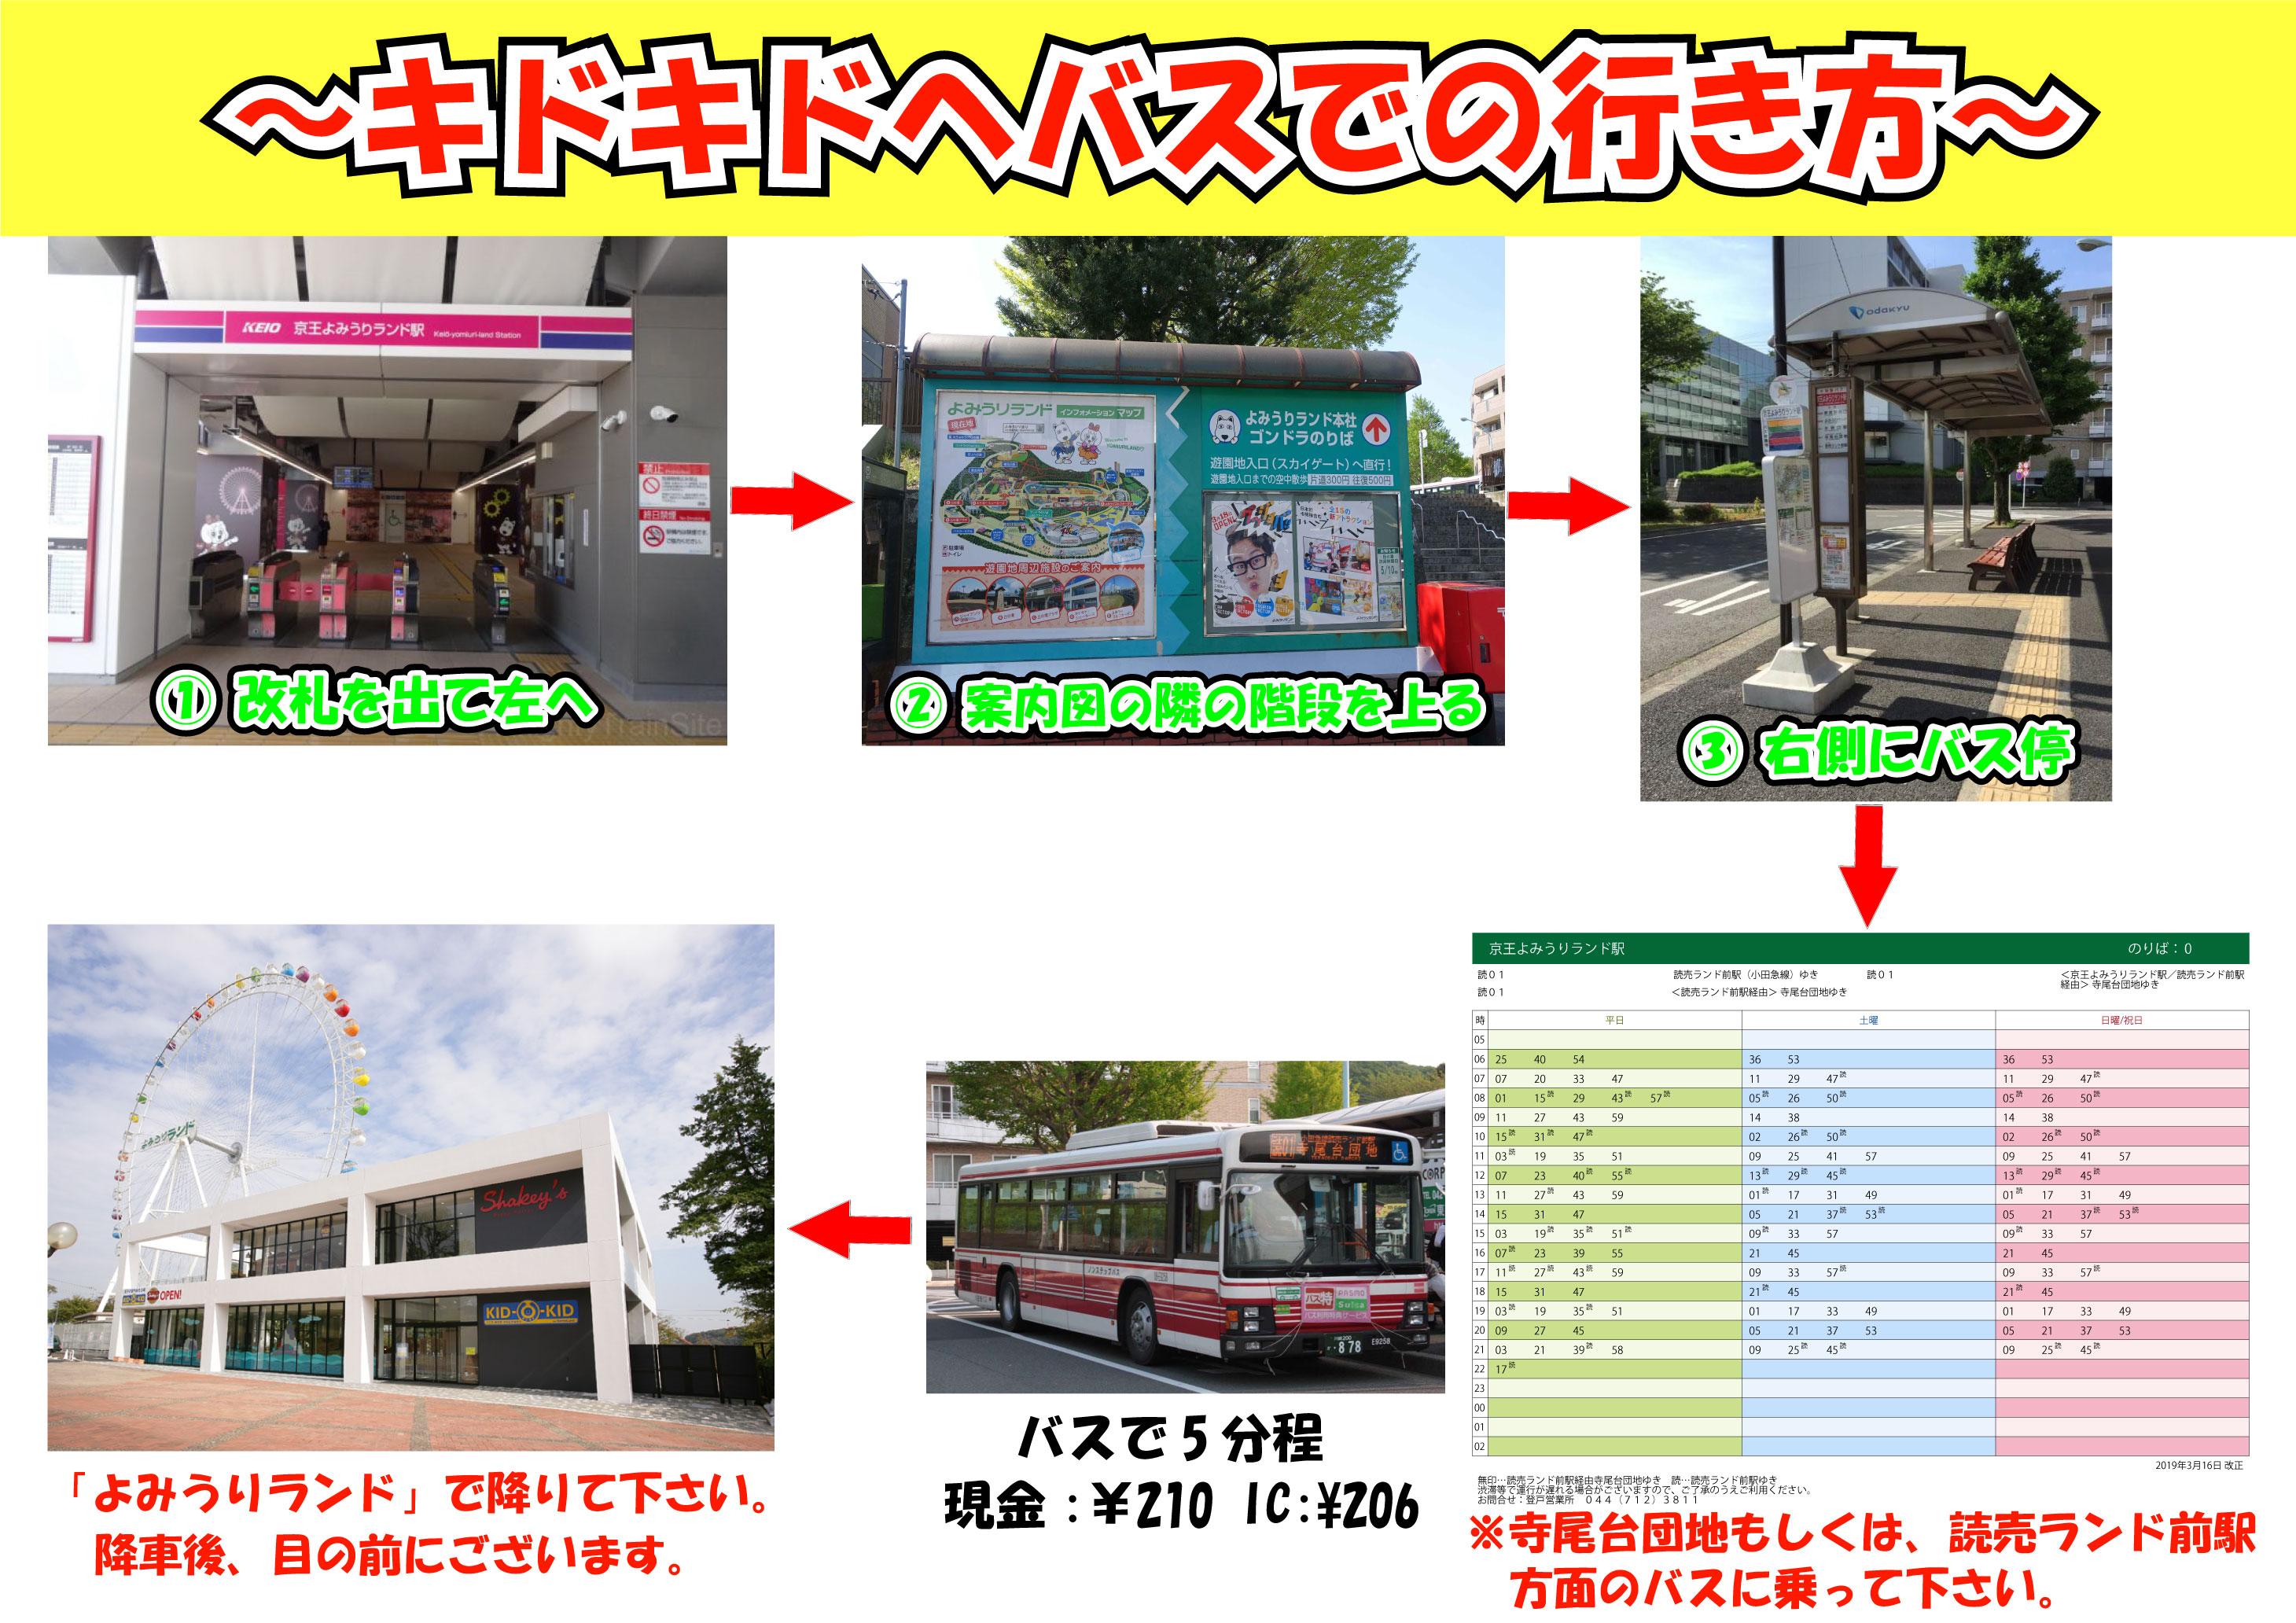 京王よみうりランド駅 バス行き方マップ